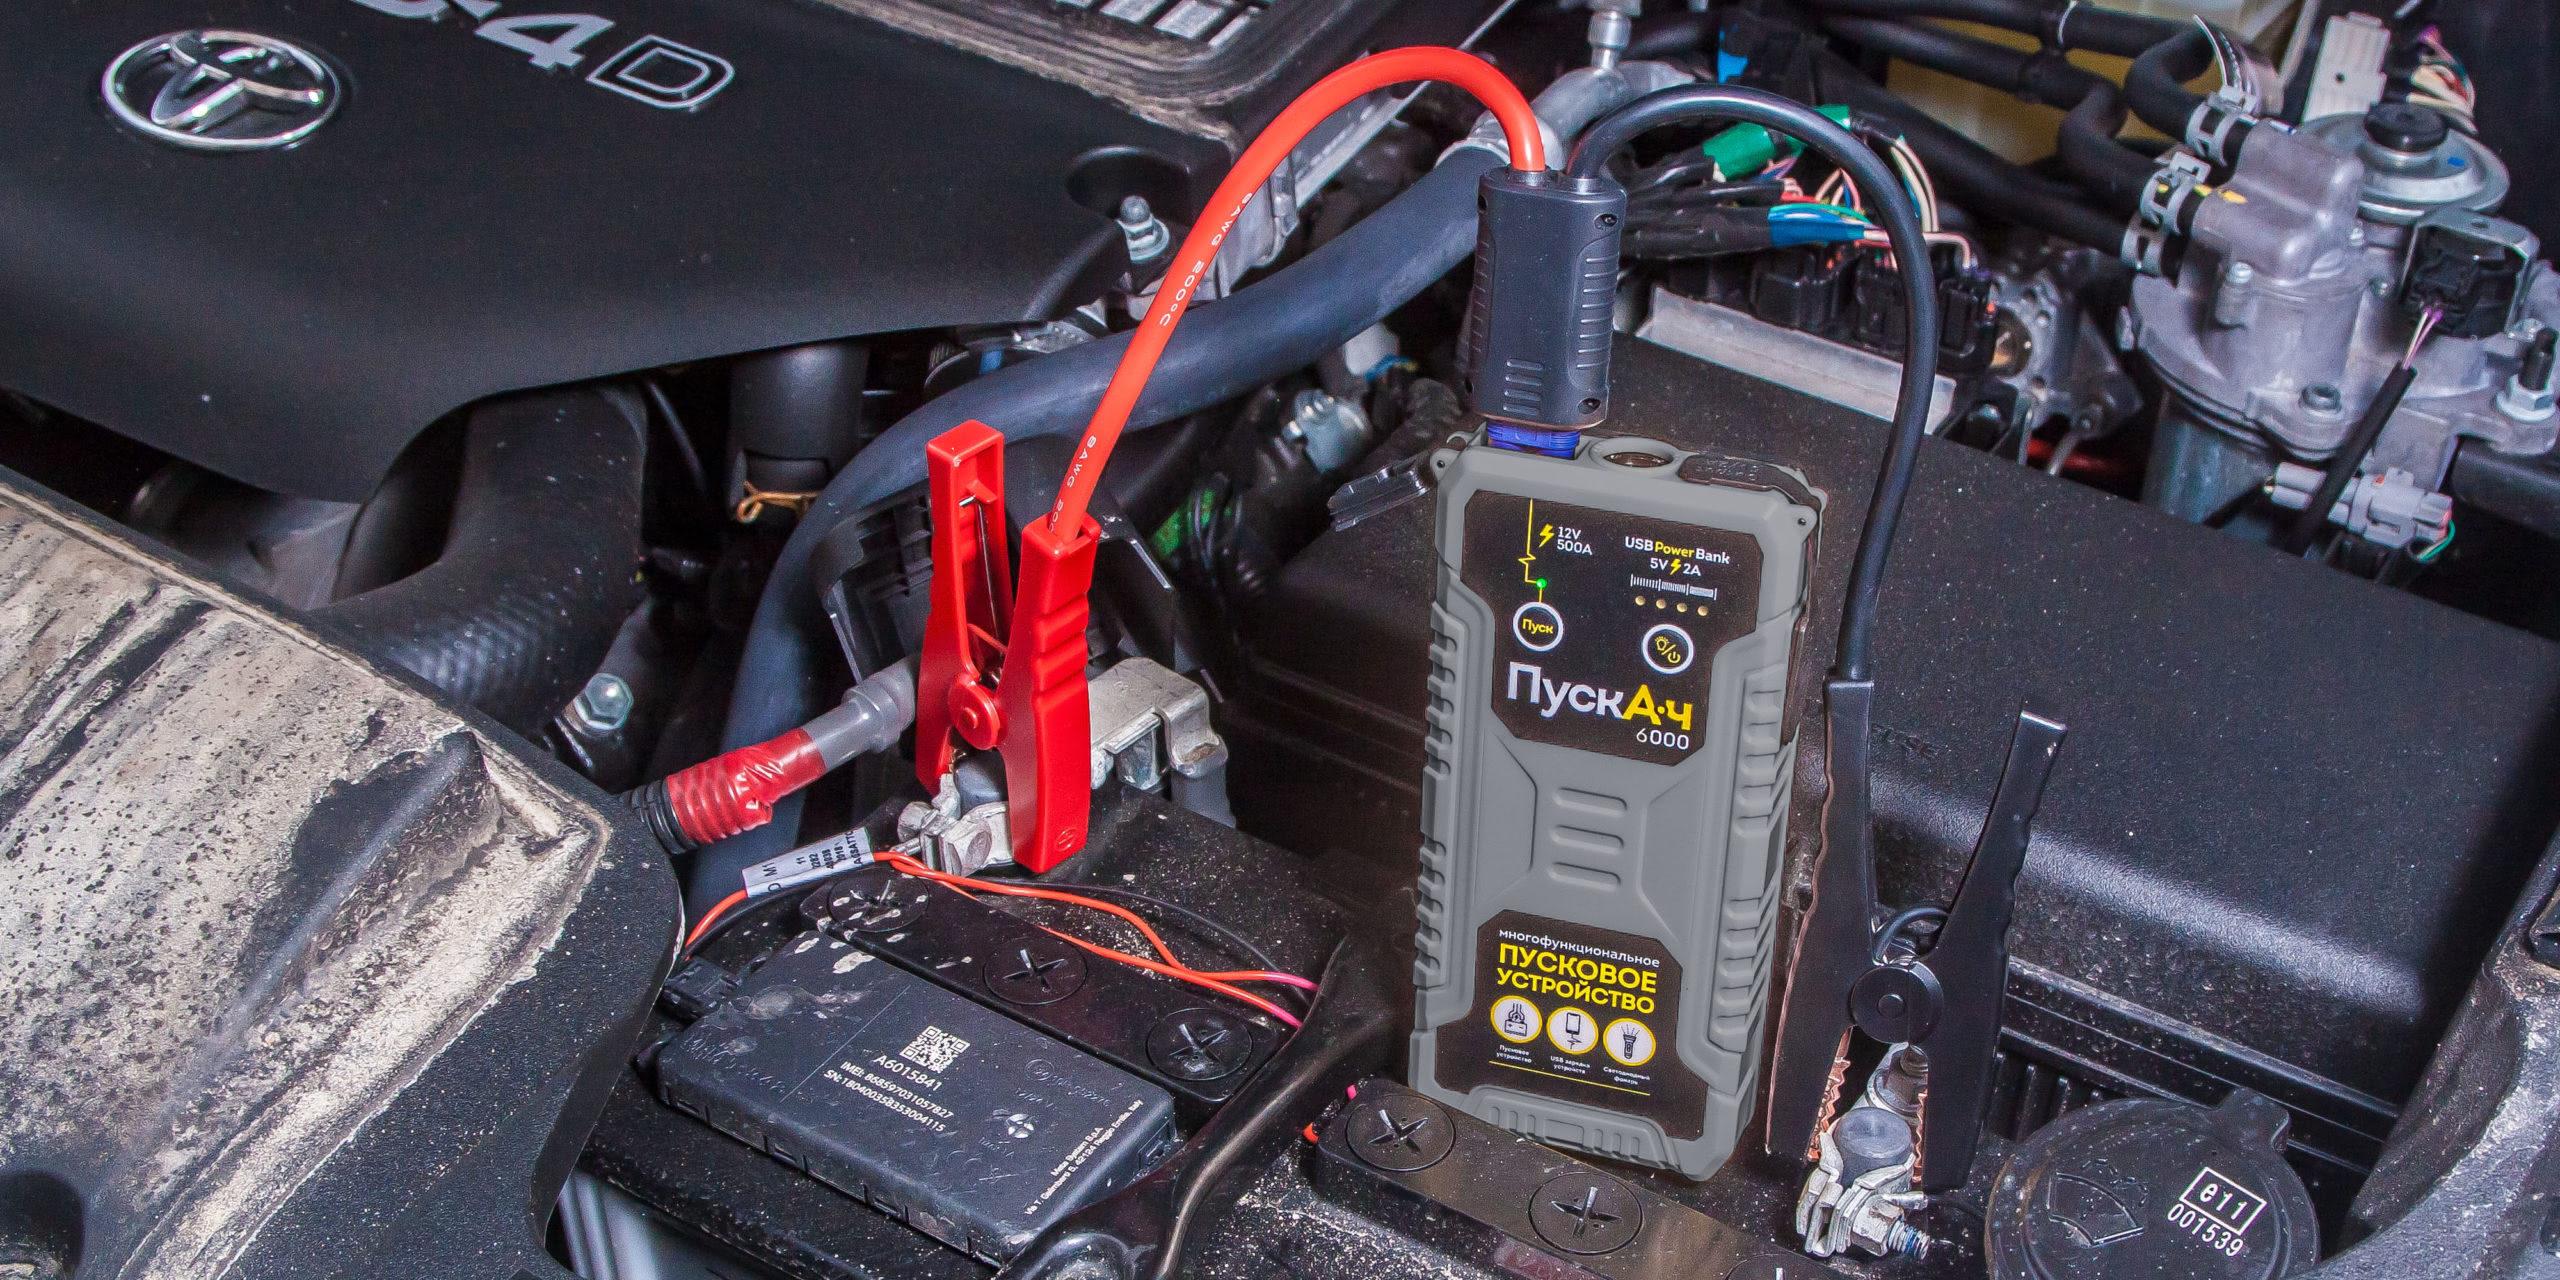 Пусковое устройство для автомобиля ПускАч 6000 - 12В 300А для запуска двигателя авто